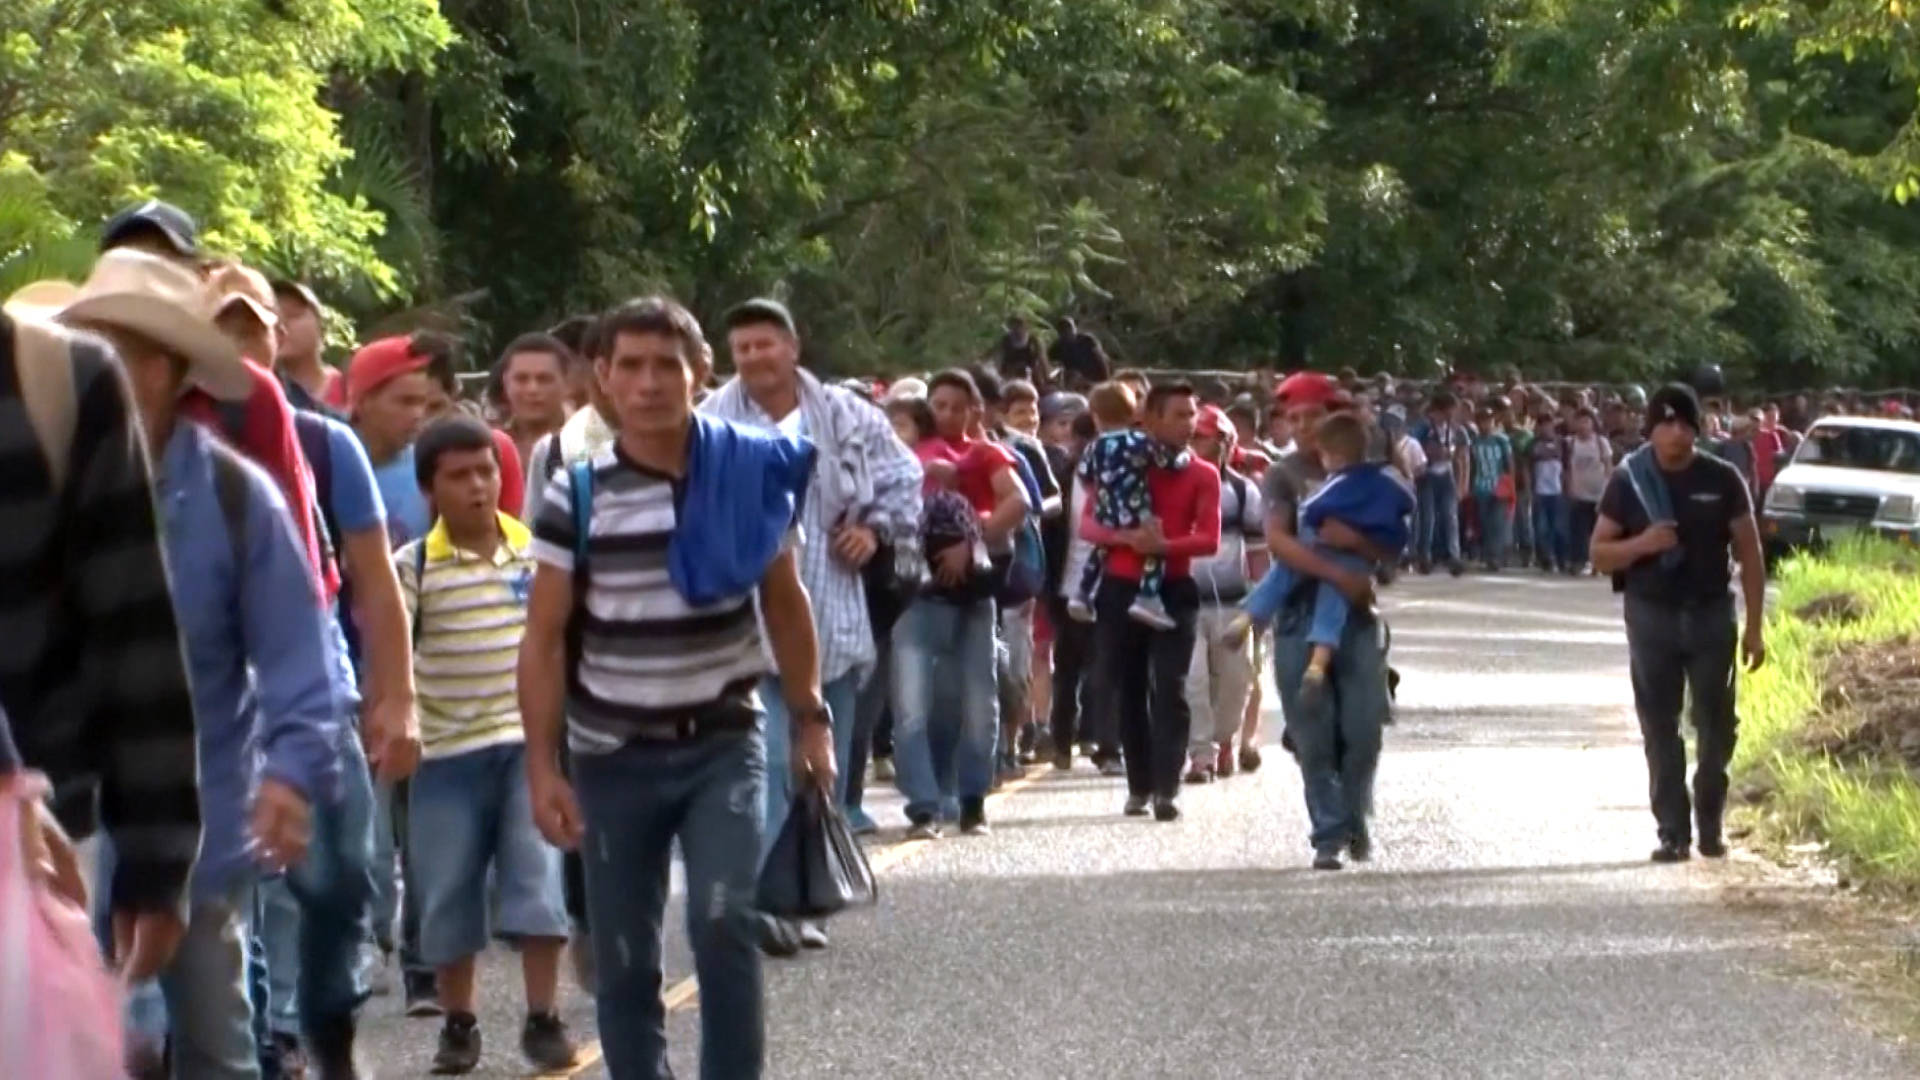 trump amenaza con sanciones a honduras por caravana de